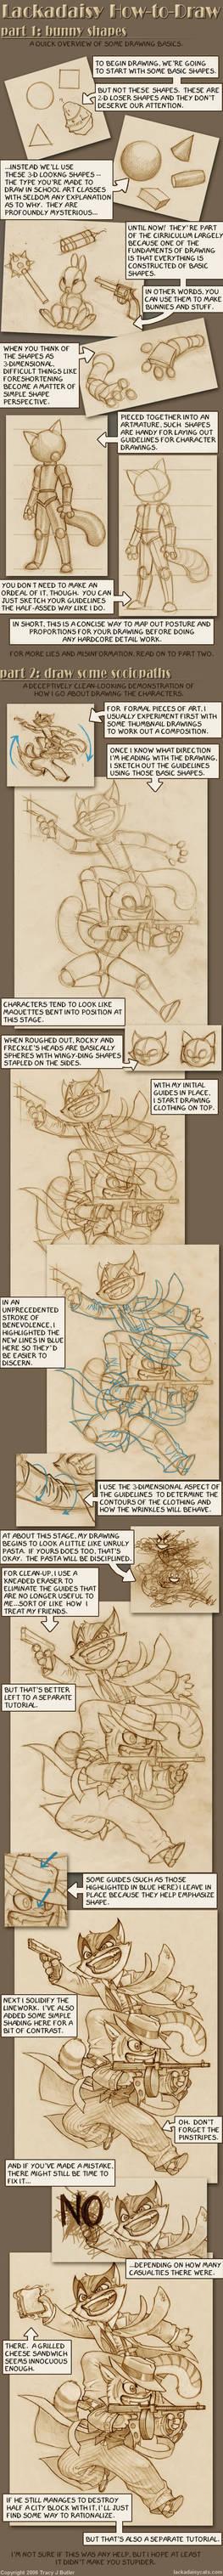 Lackadaisy How-to-Draw